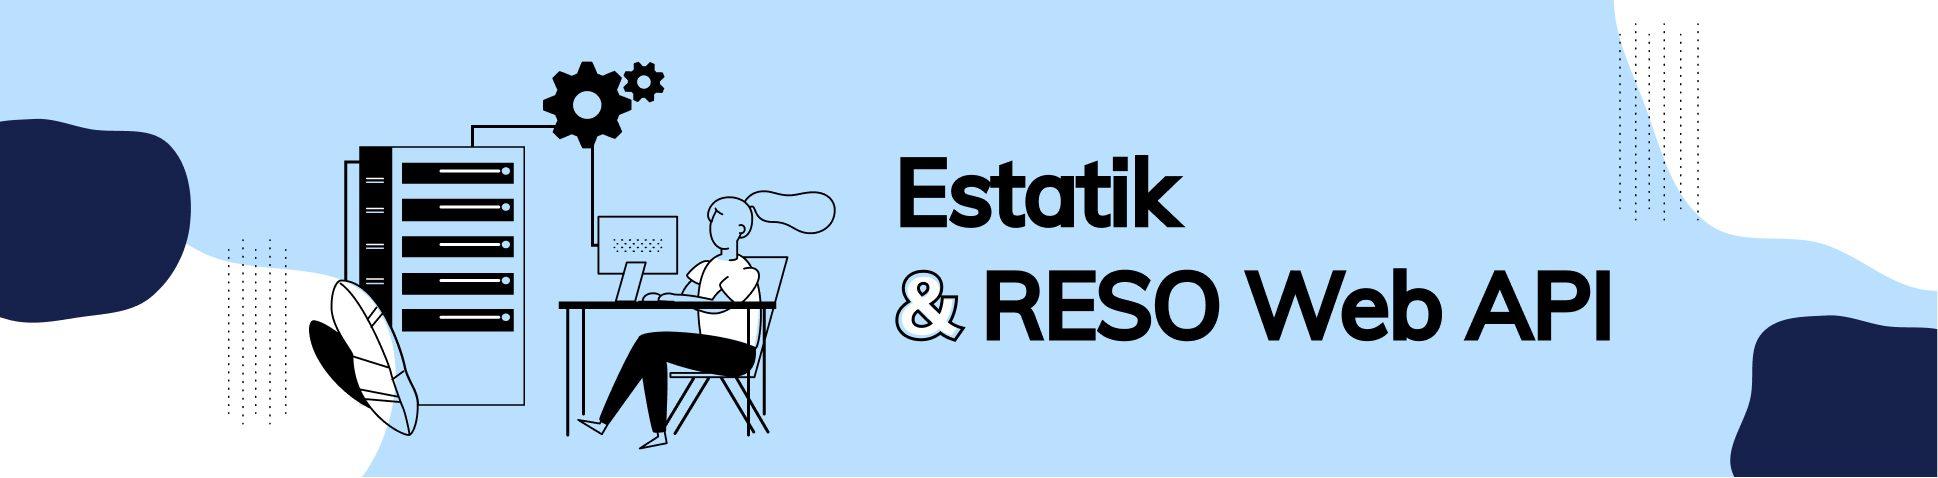 estatik_reso_web_api